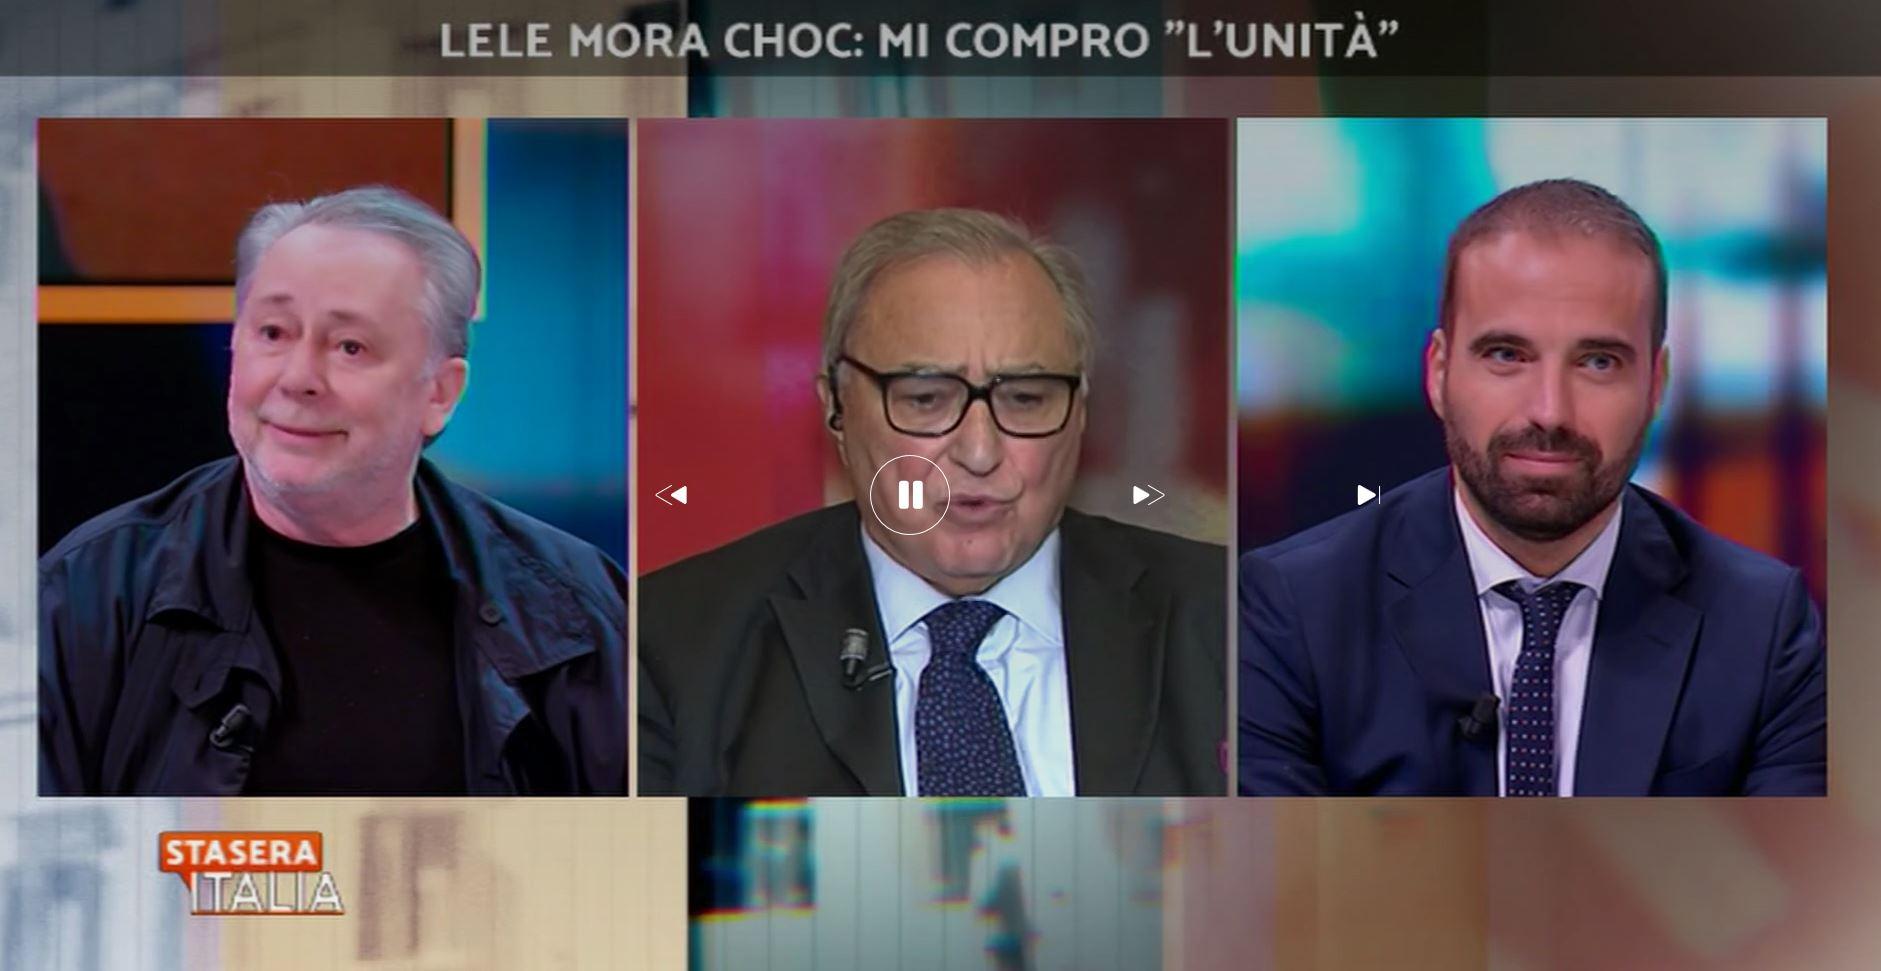 Il dibattito a «Stasera Italia» sulla vendita dell'Unità a Lele Mora con Giulio Sapelli e Luigi Marattin (Pd)